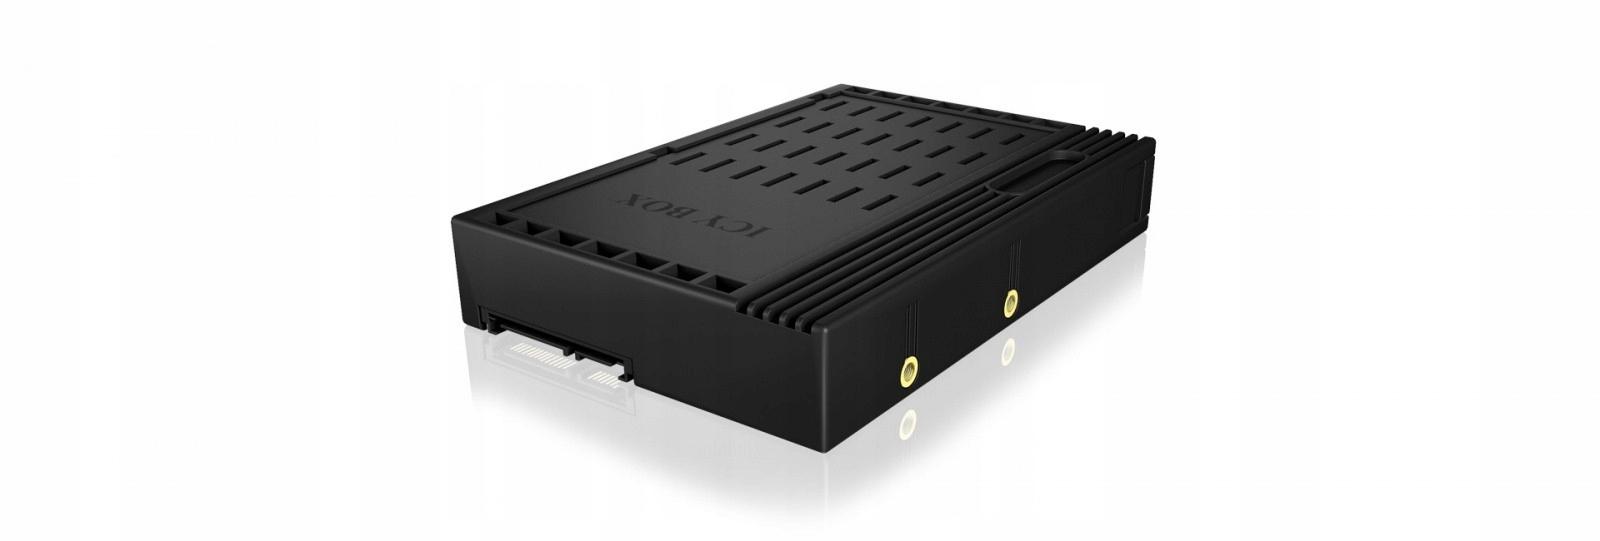 ICYBOX IB-2536StS konwerter 2,5'' na 3,5''